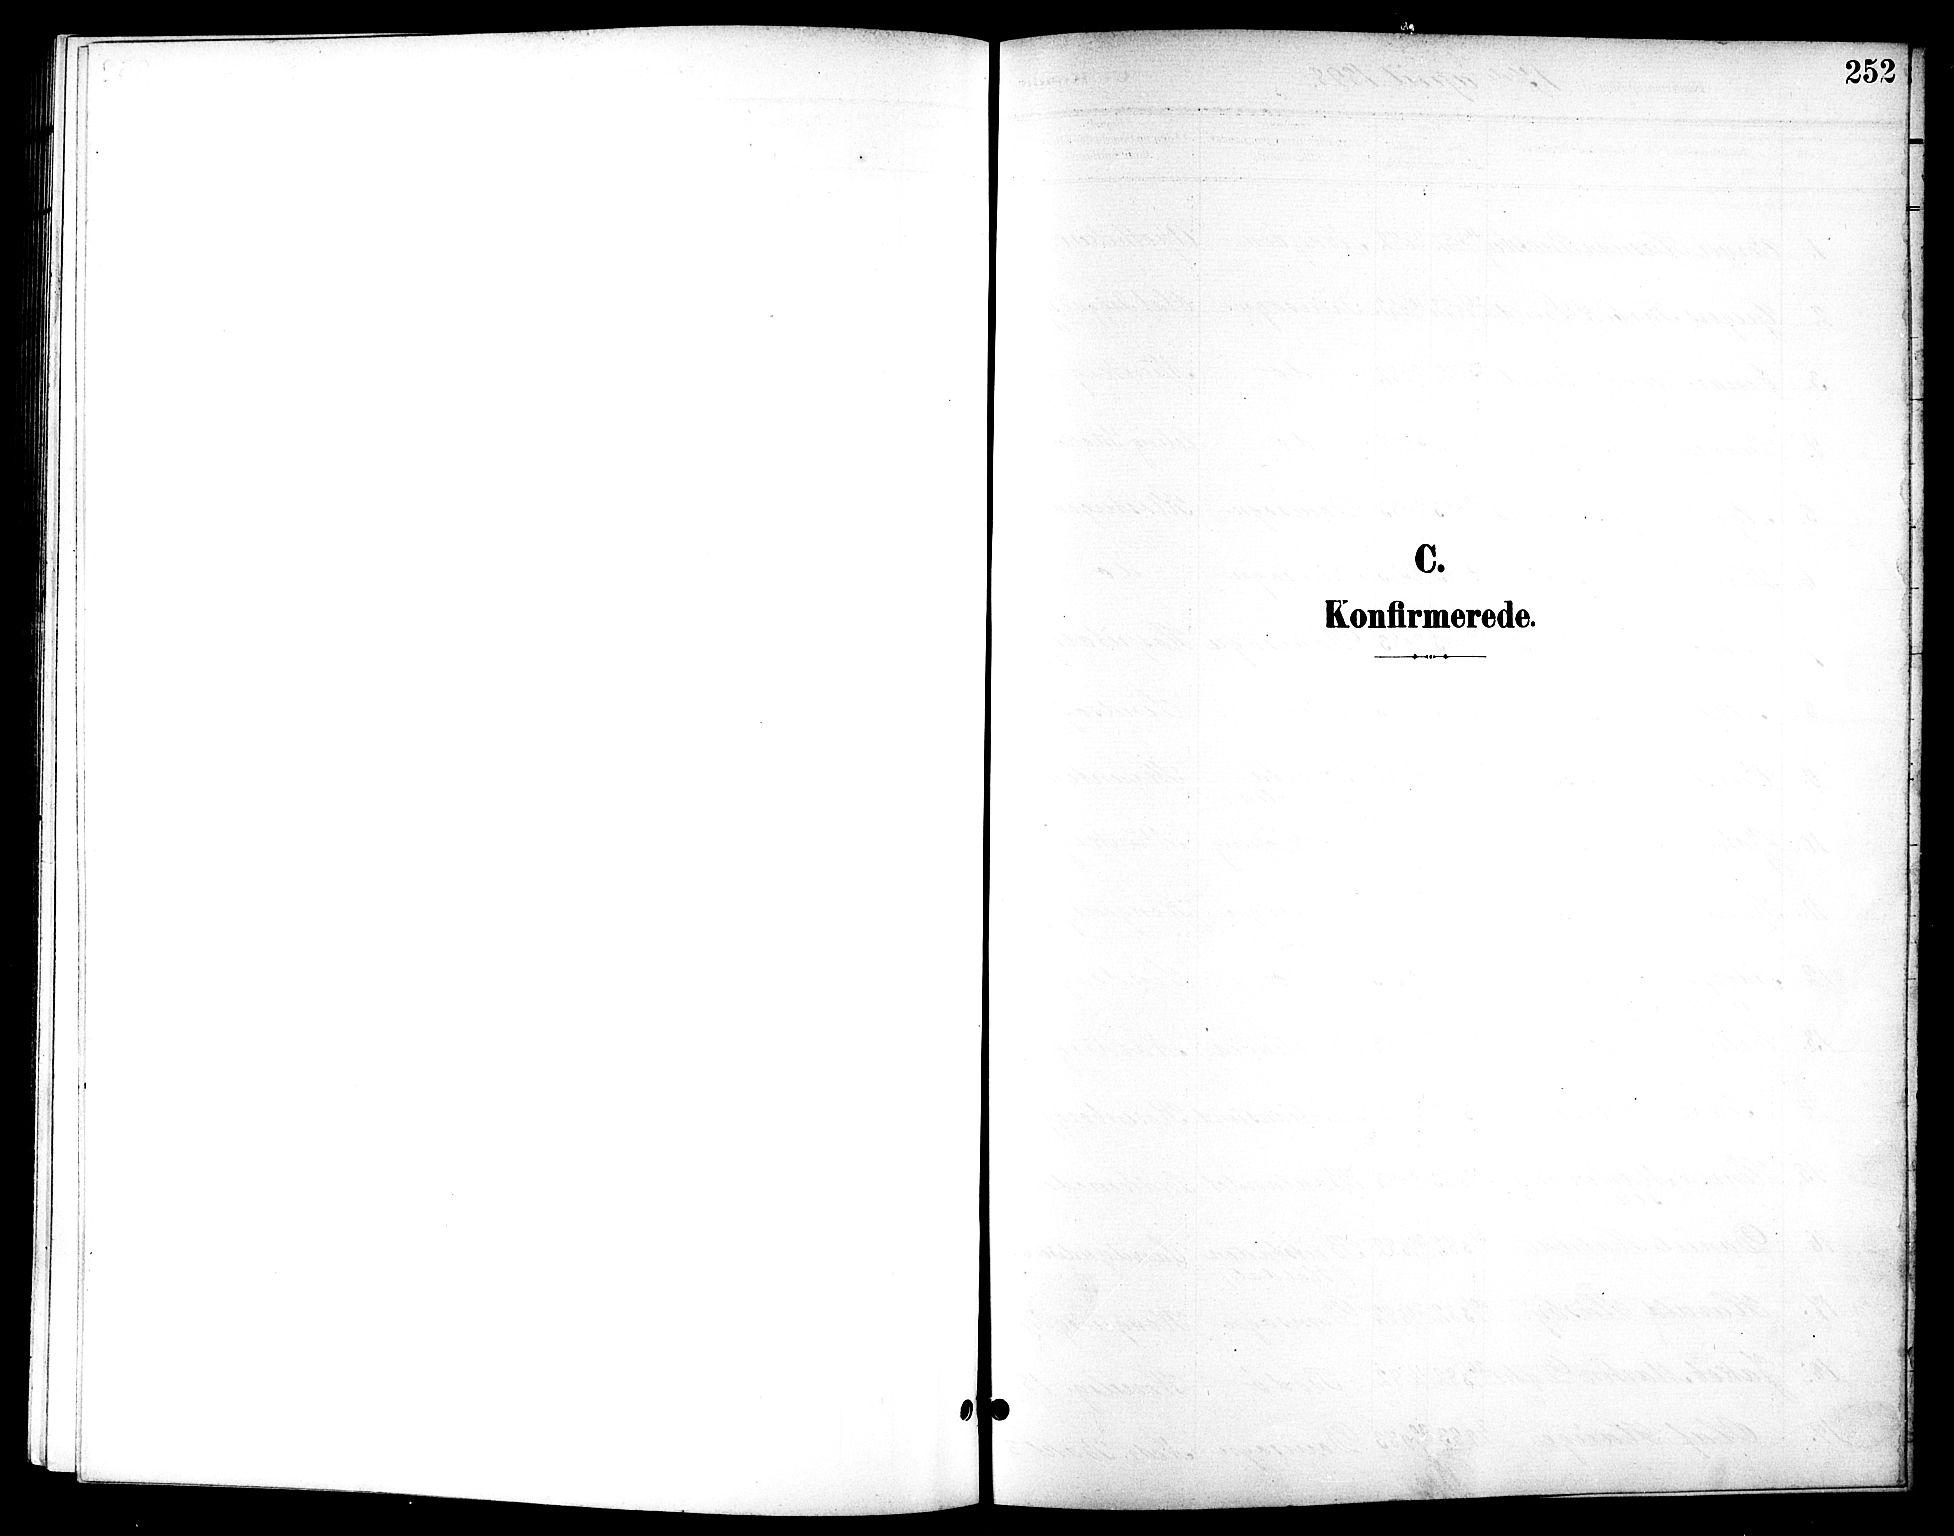 SAT, Ministerialprotokoller, klokkerbøker og fødselsregistre - Sør-Trøndelag, 601/L0094: Klokkerbok nr. 601C12, 1898-1911, s. 252